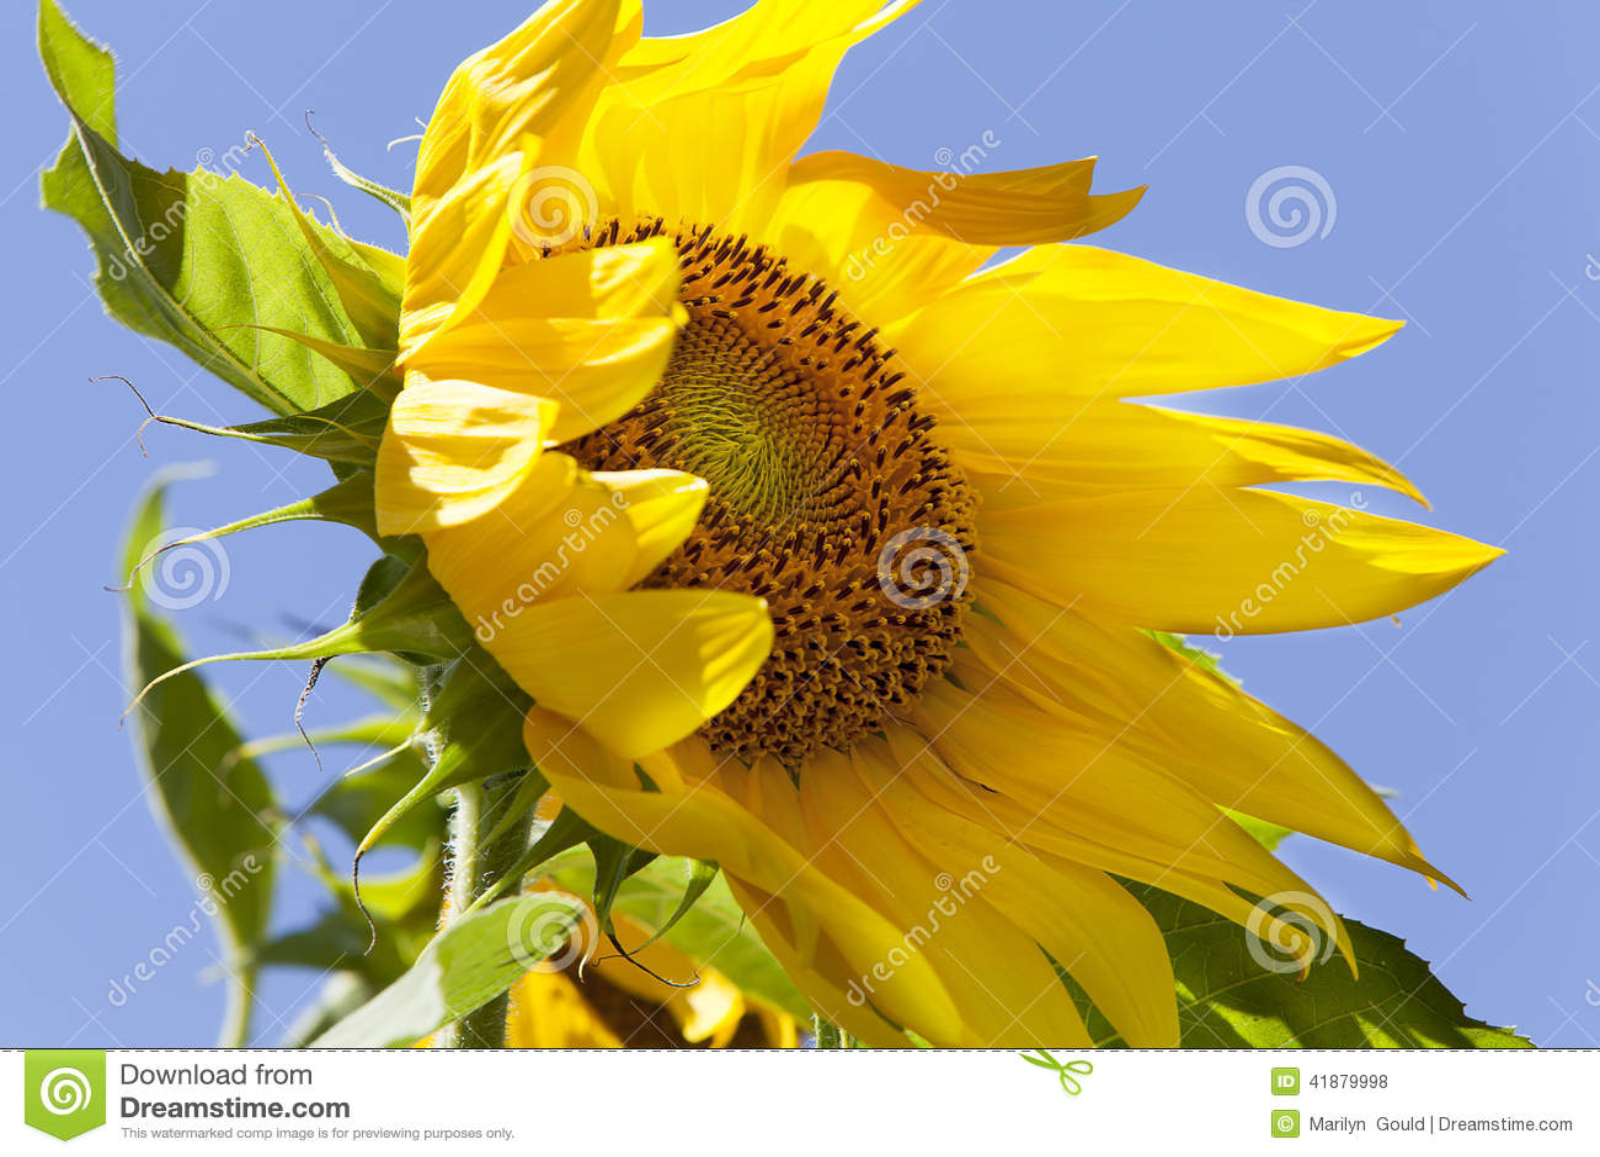 Sunflower Blowing in Wind